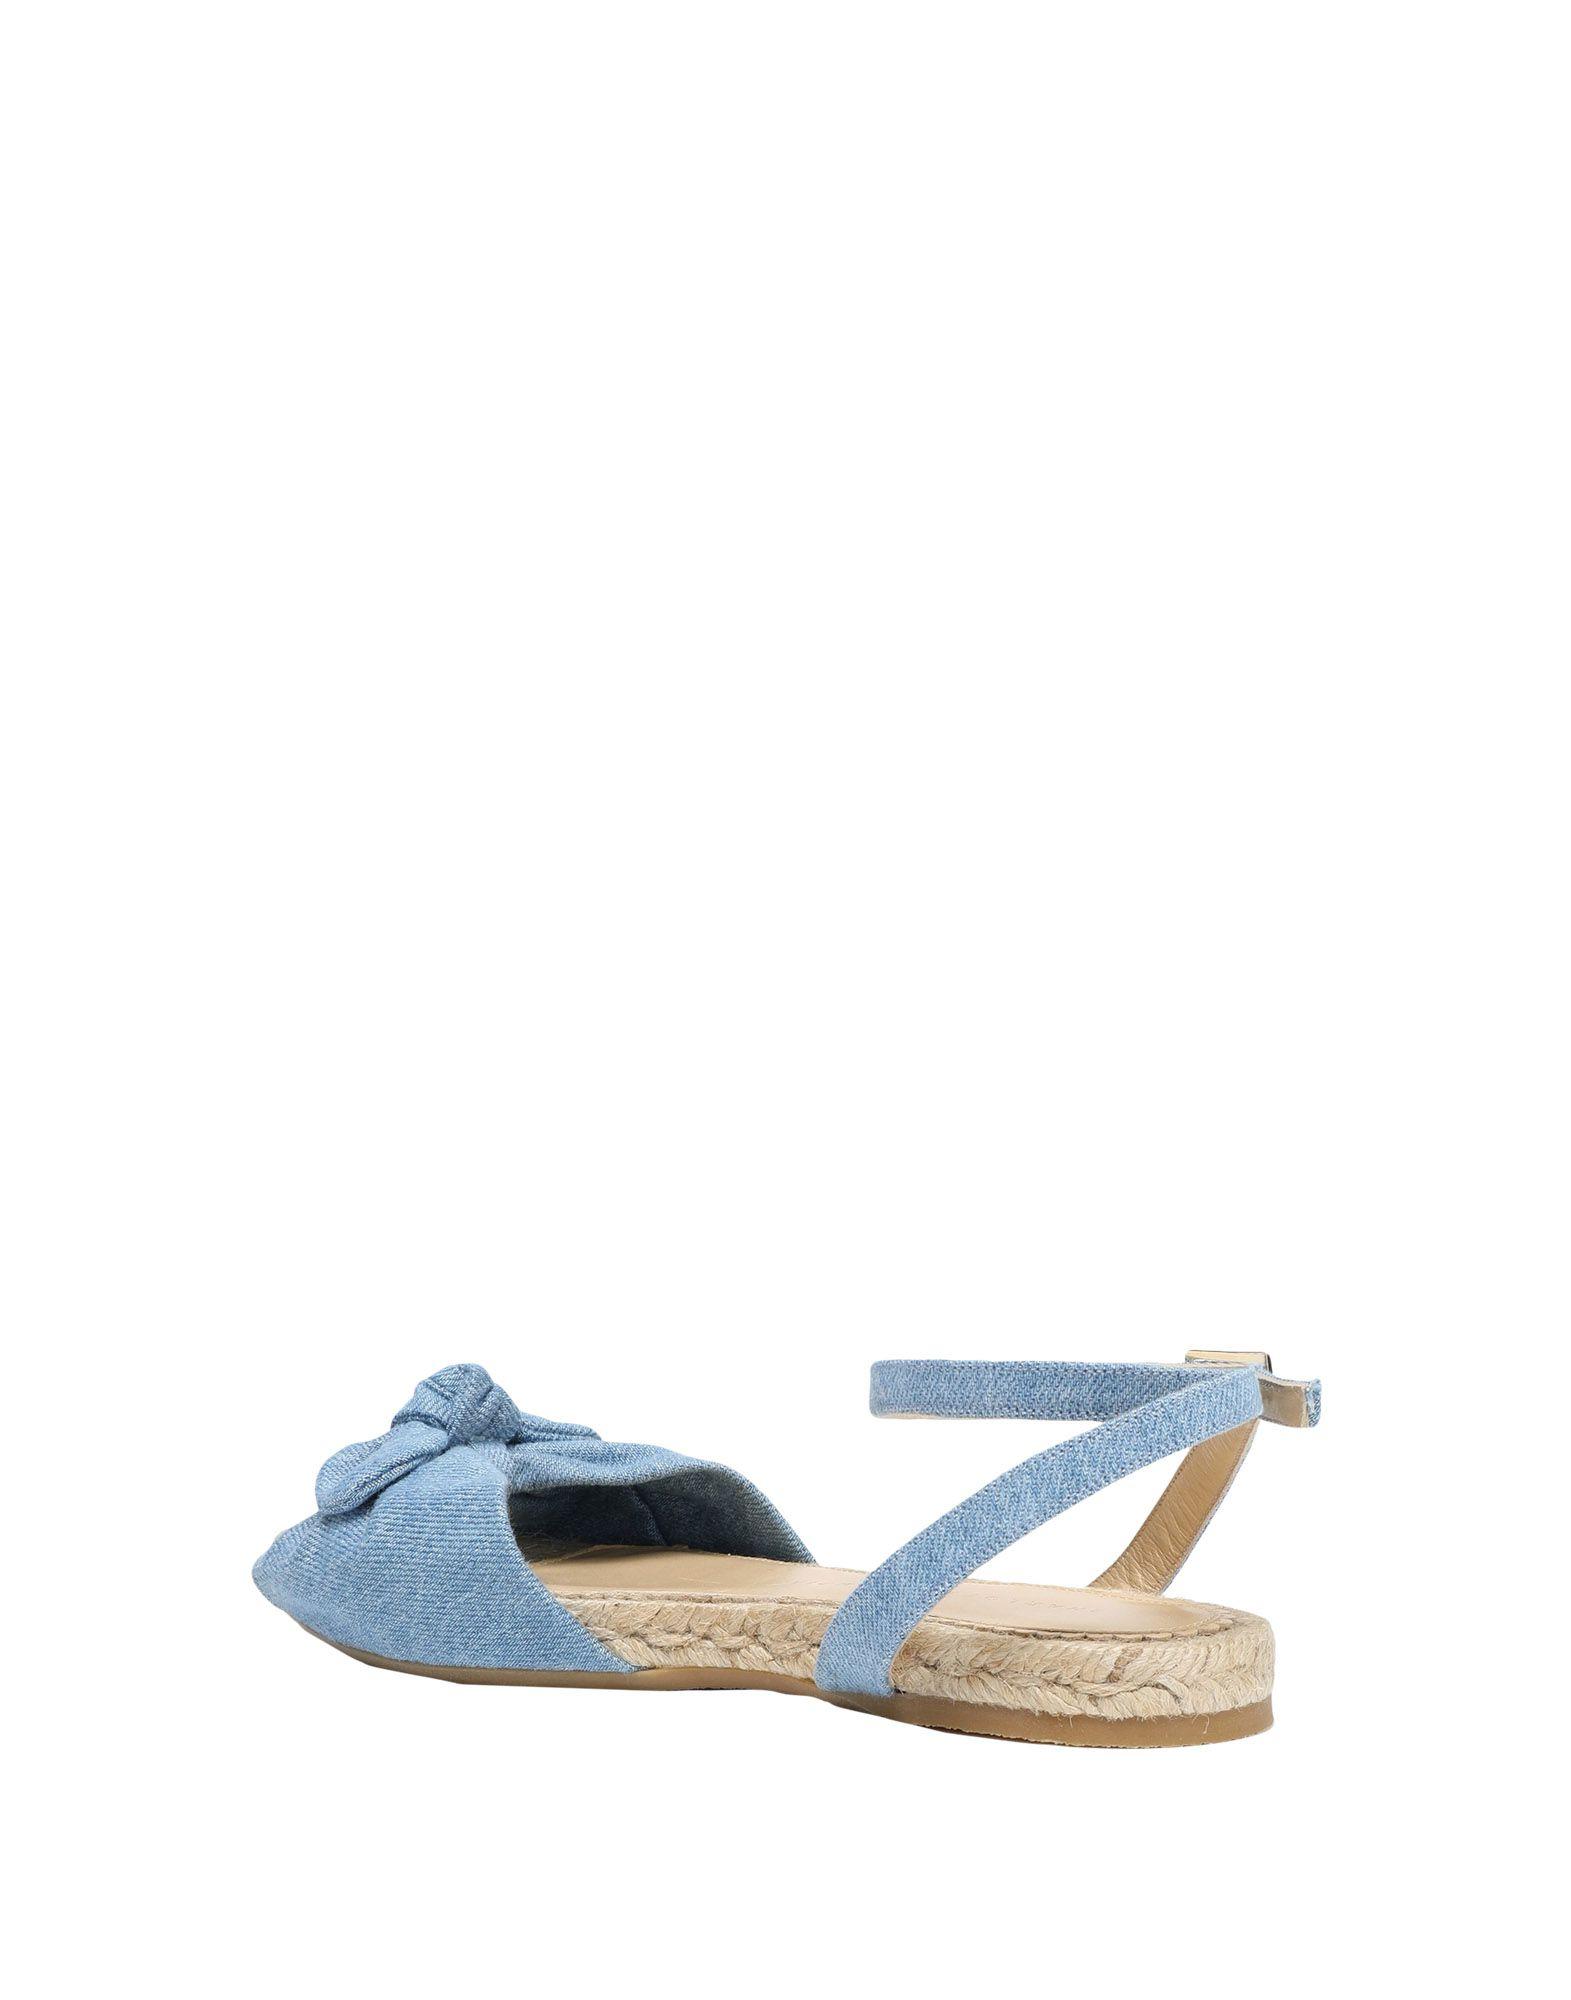 Charlotte Olympia Sandalen Damen  11480073XMGut aussehende strapazierfähige Schuhe